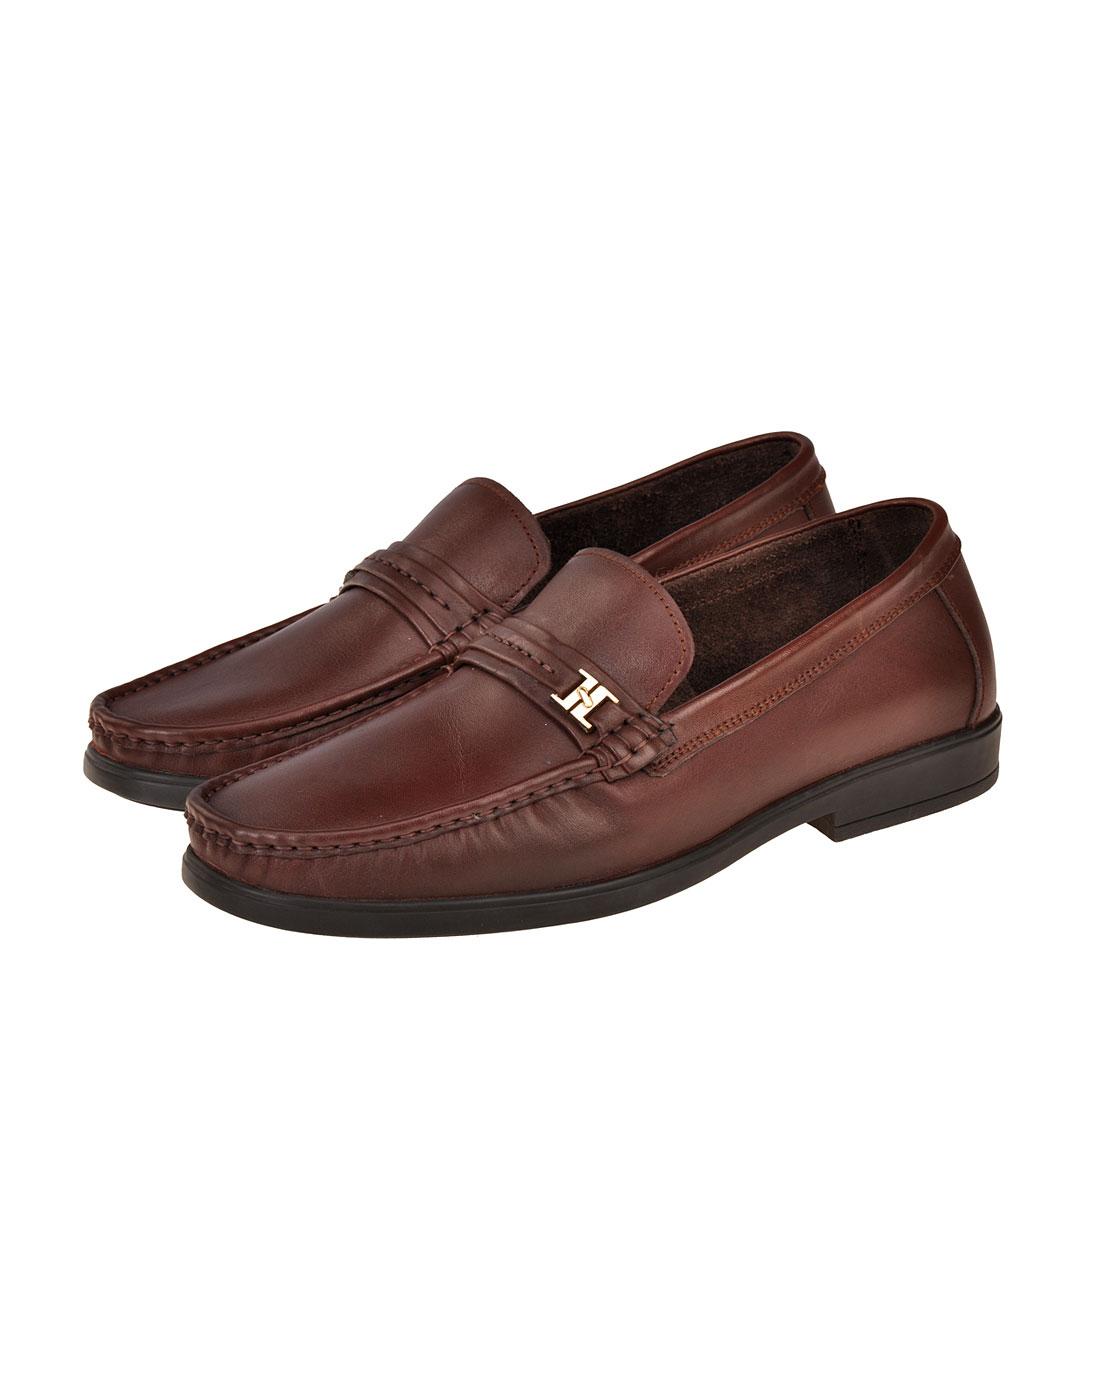 男给u奱c�K�@_u.s. polo assn.男鞋专场-男款棕休闲皮鞋